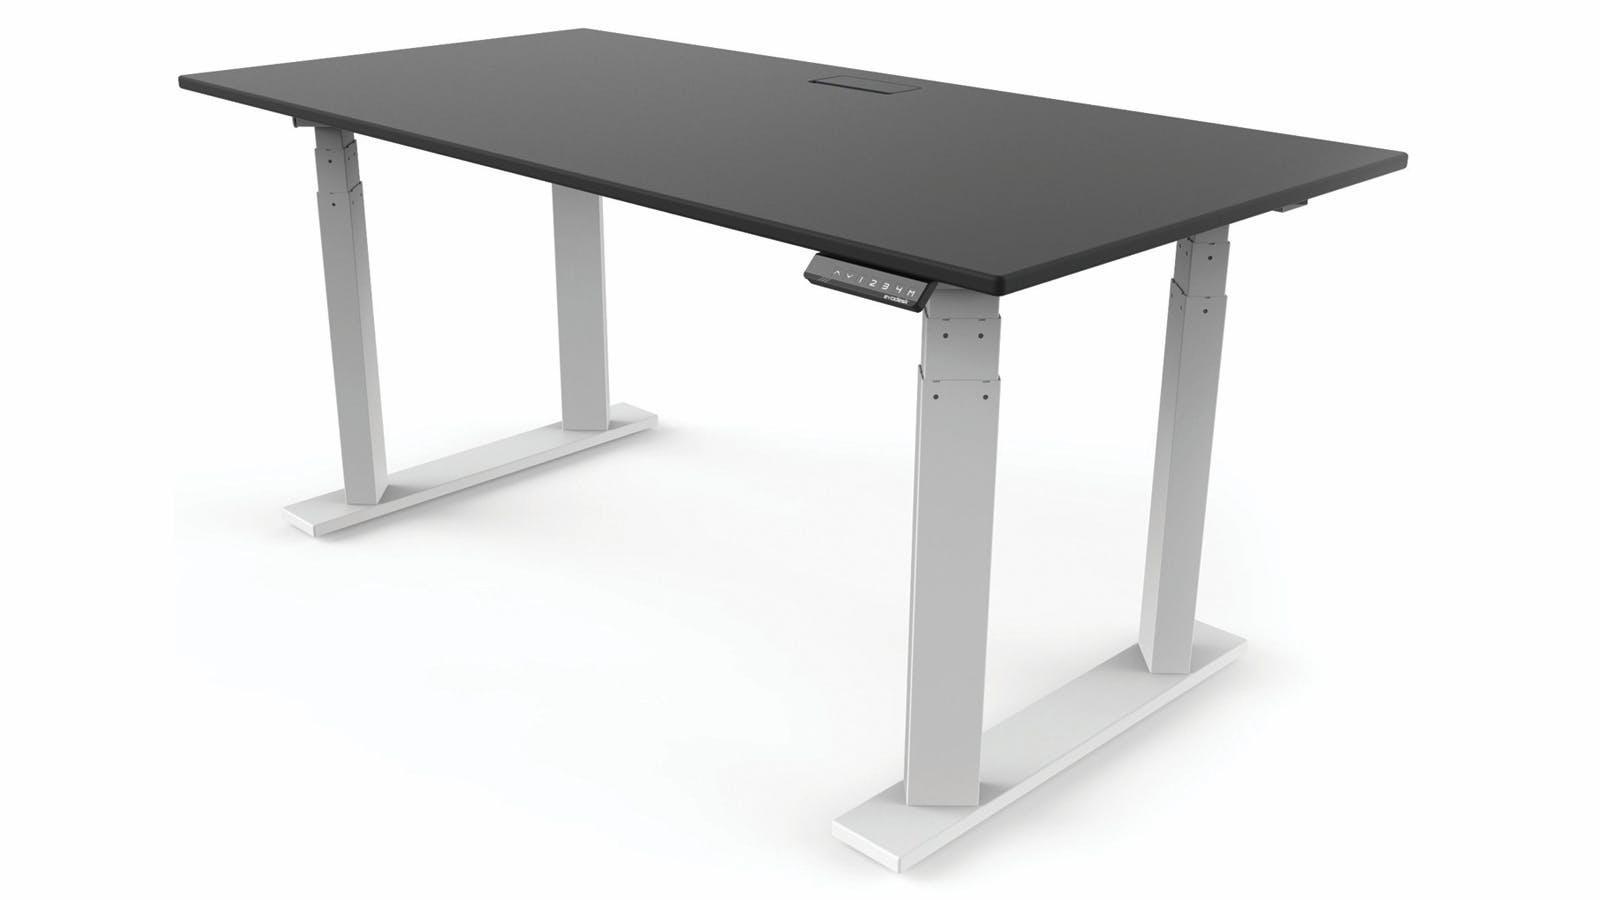 Evodesk standing studio desk